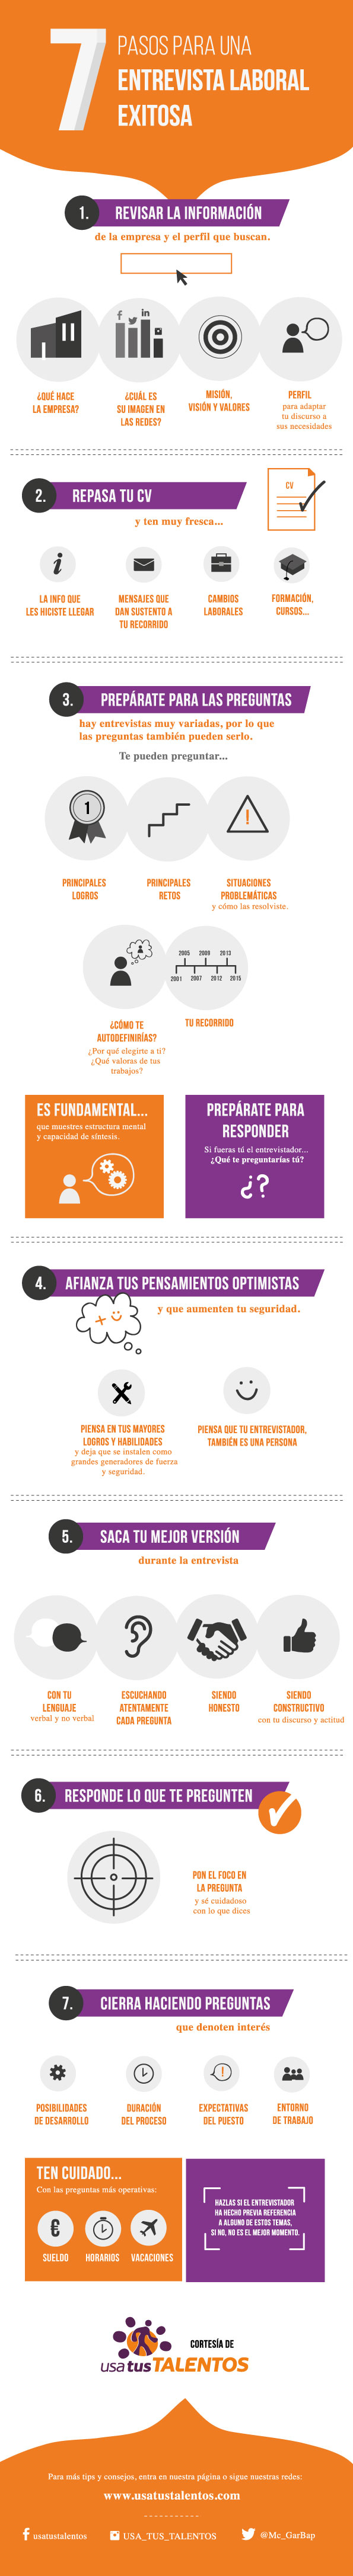 infografia-junio-7-pasos-para-una-entrevista-laboral-exitosa